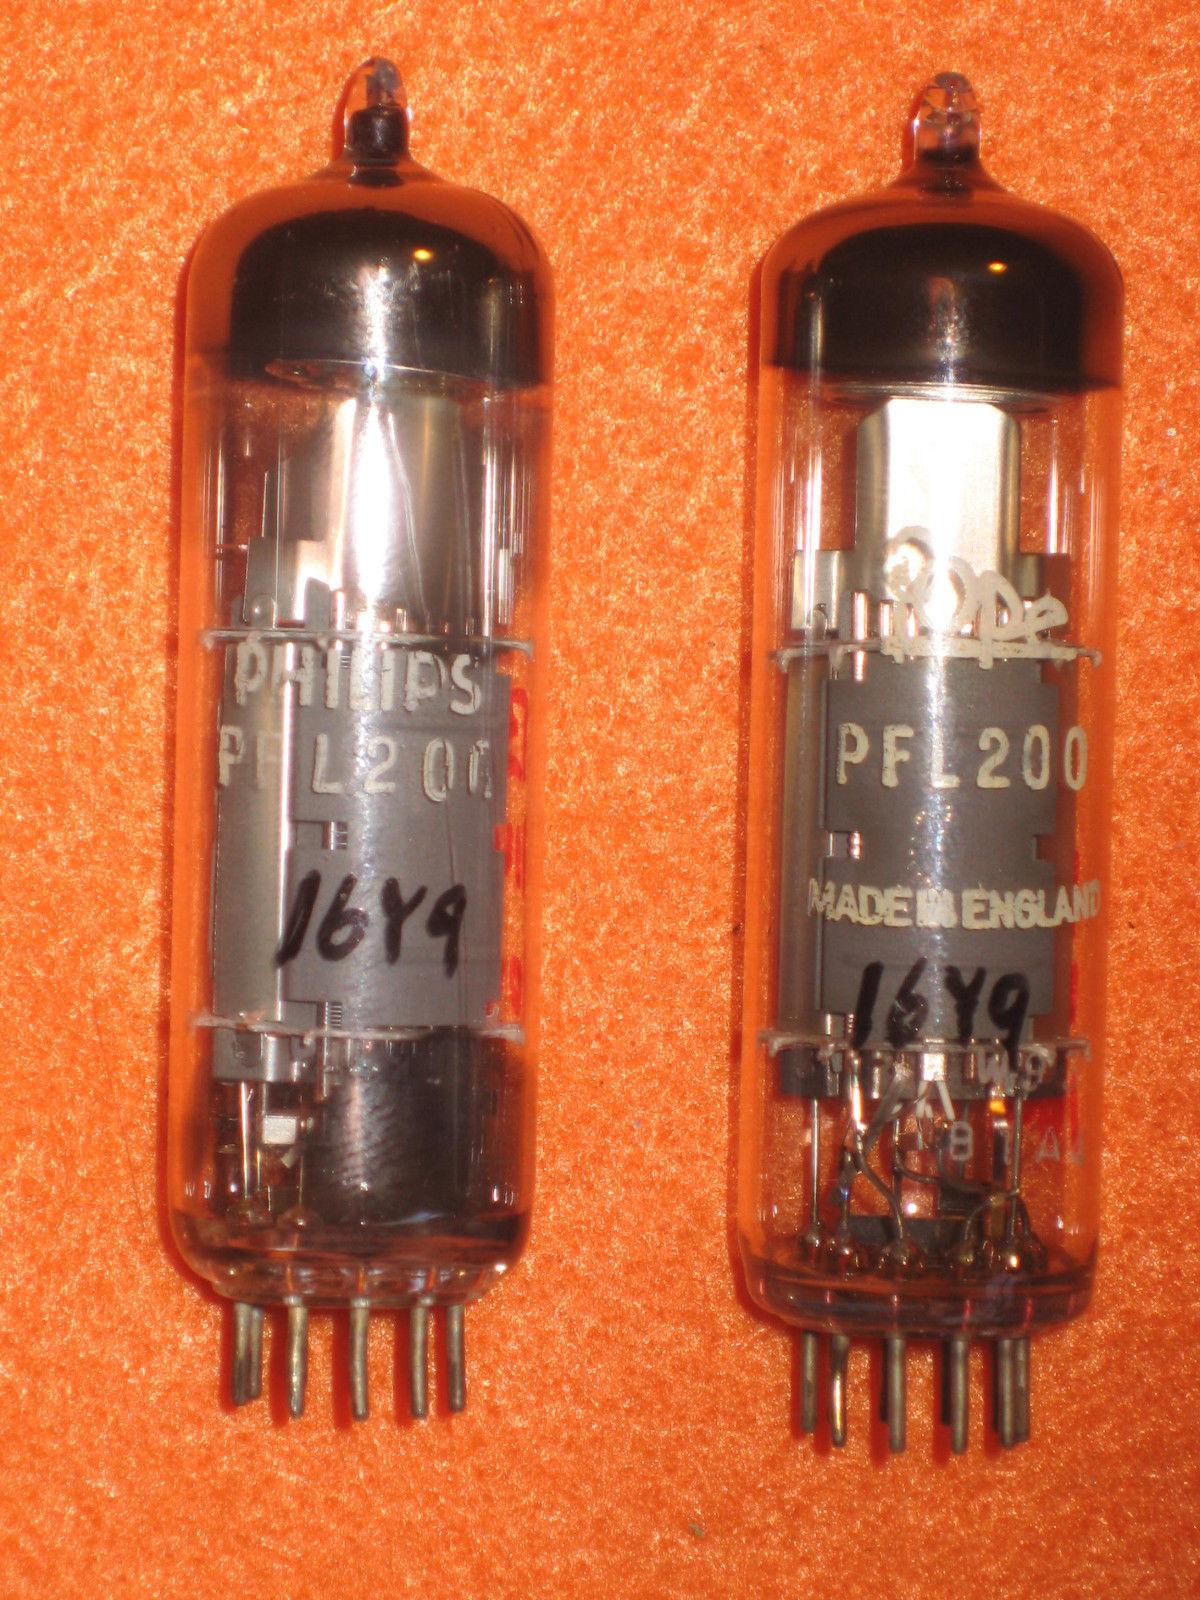 Vintage Radio Vacuum Tube (one): PFL200 - Tested Good